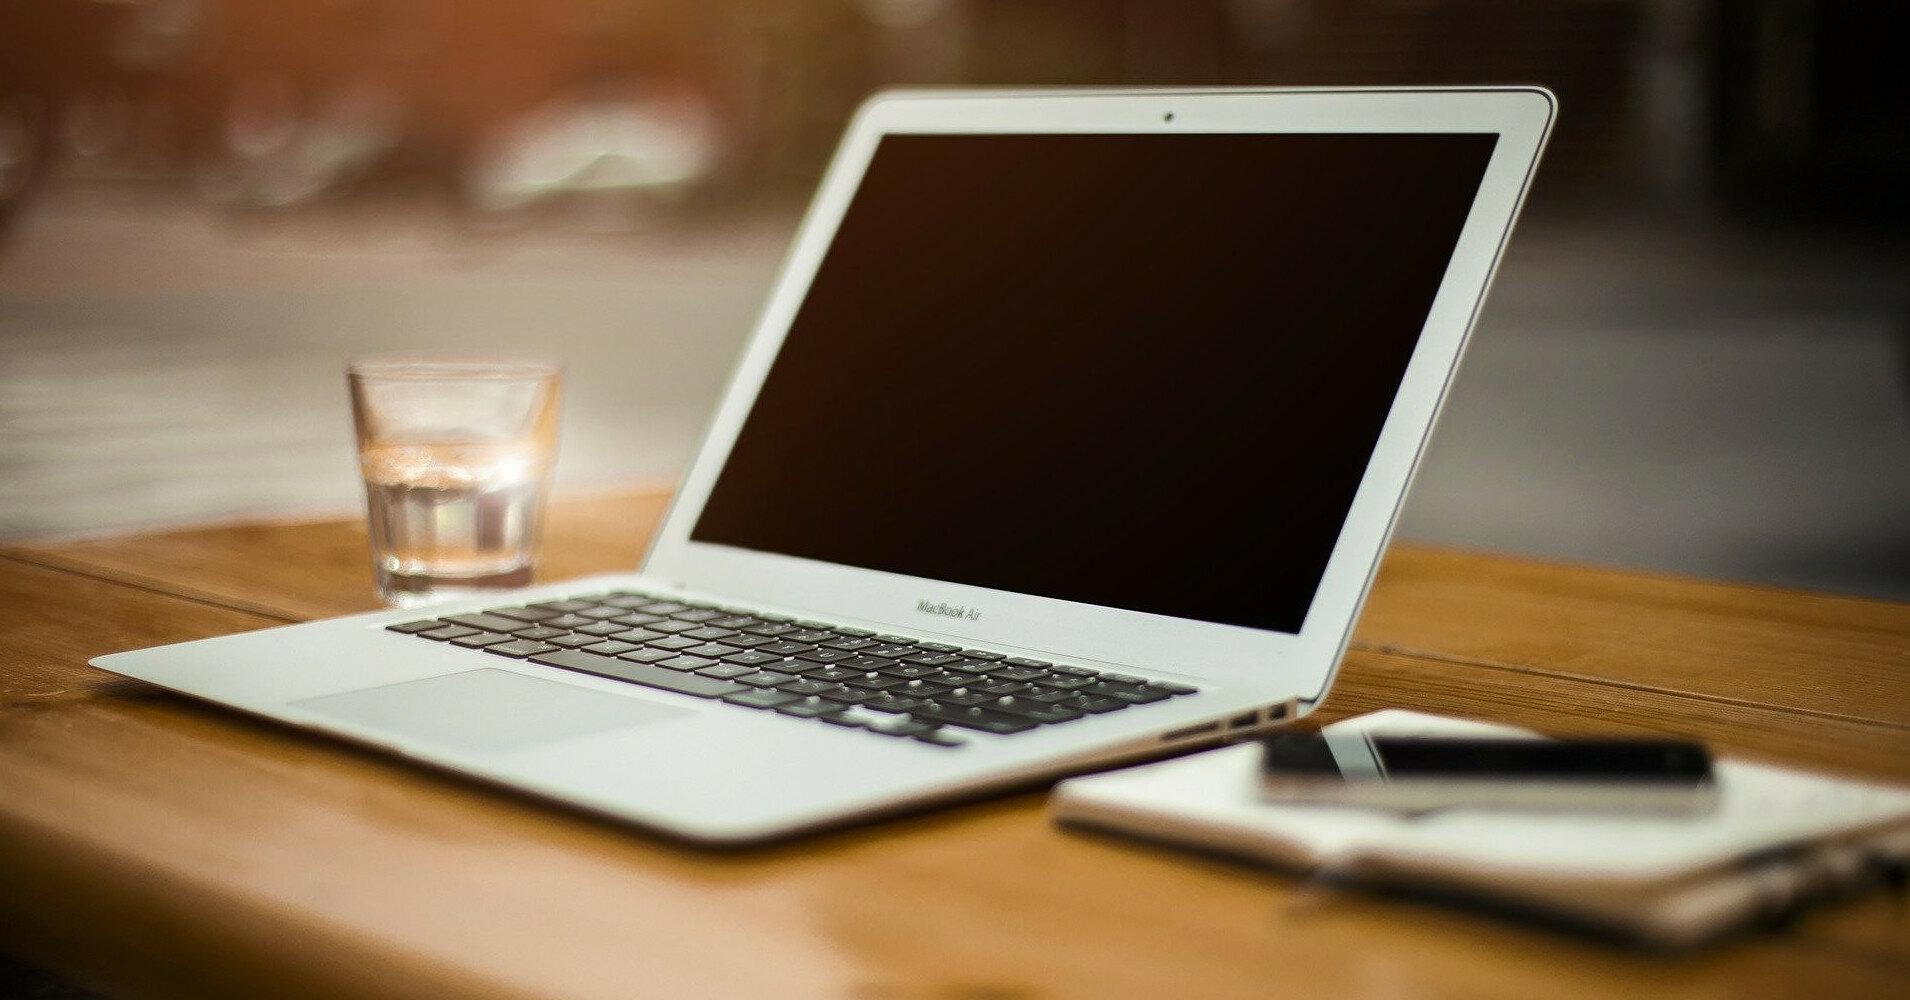 Работа на компьютере: предусмотрен ли дополнительный отпуск